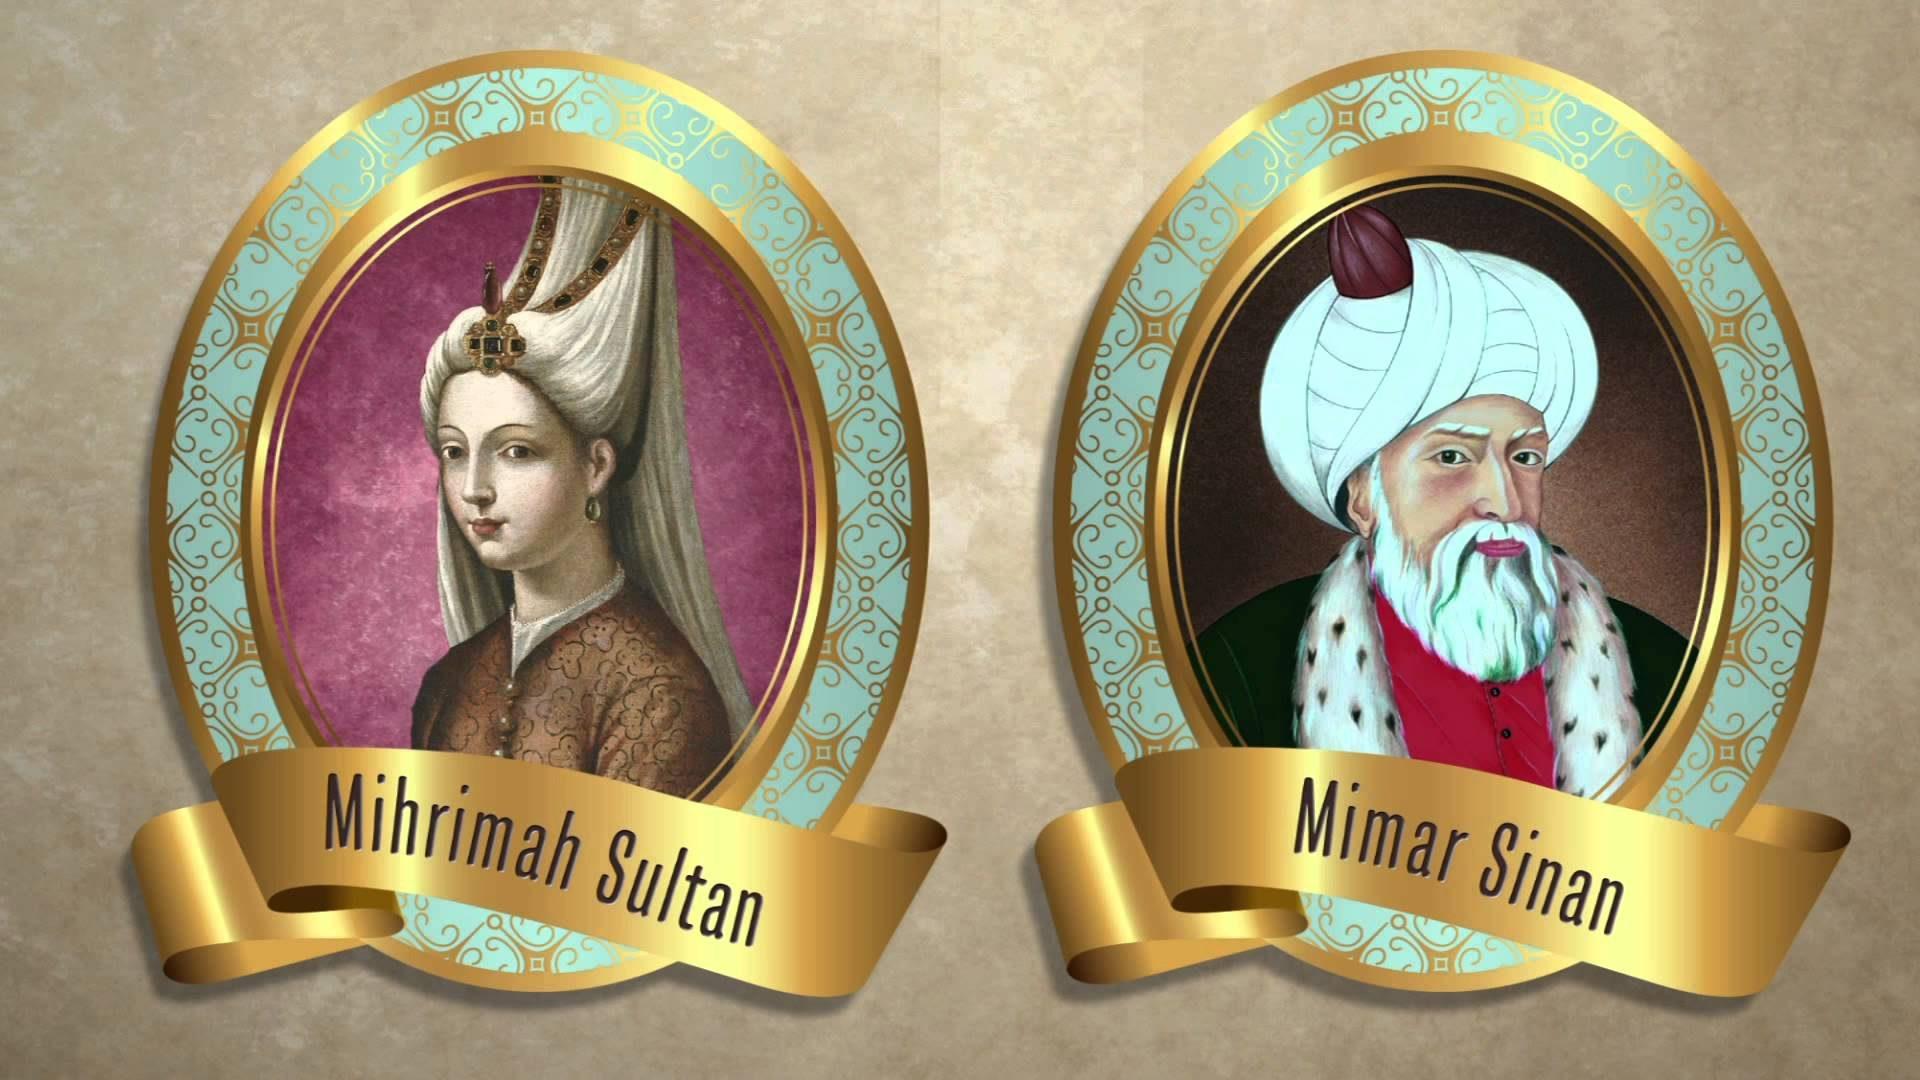 Mimar Sinanın Mihrimah Sultan. Mimar Sinan Kimdir İstanbul Osmanlı Baş Mimarı İnşaat Mühendisi Baş Yapıtı Ustalık Eseri Dünya Usta Mimarlık